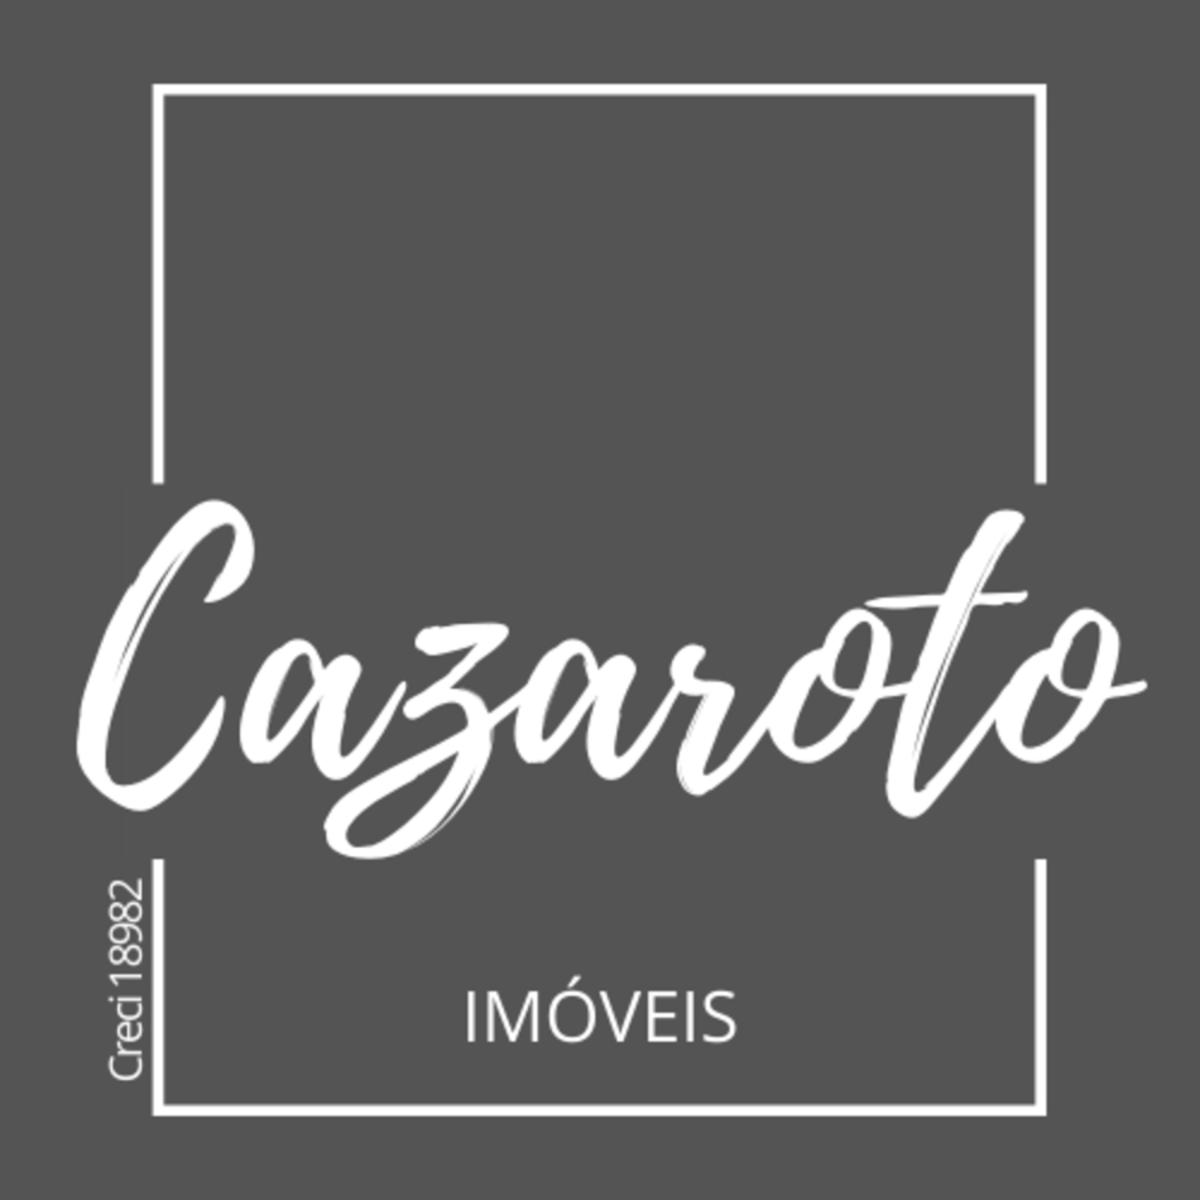 Logo da imobiliária Cazaroto Imóveis